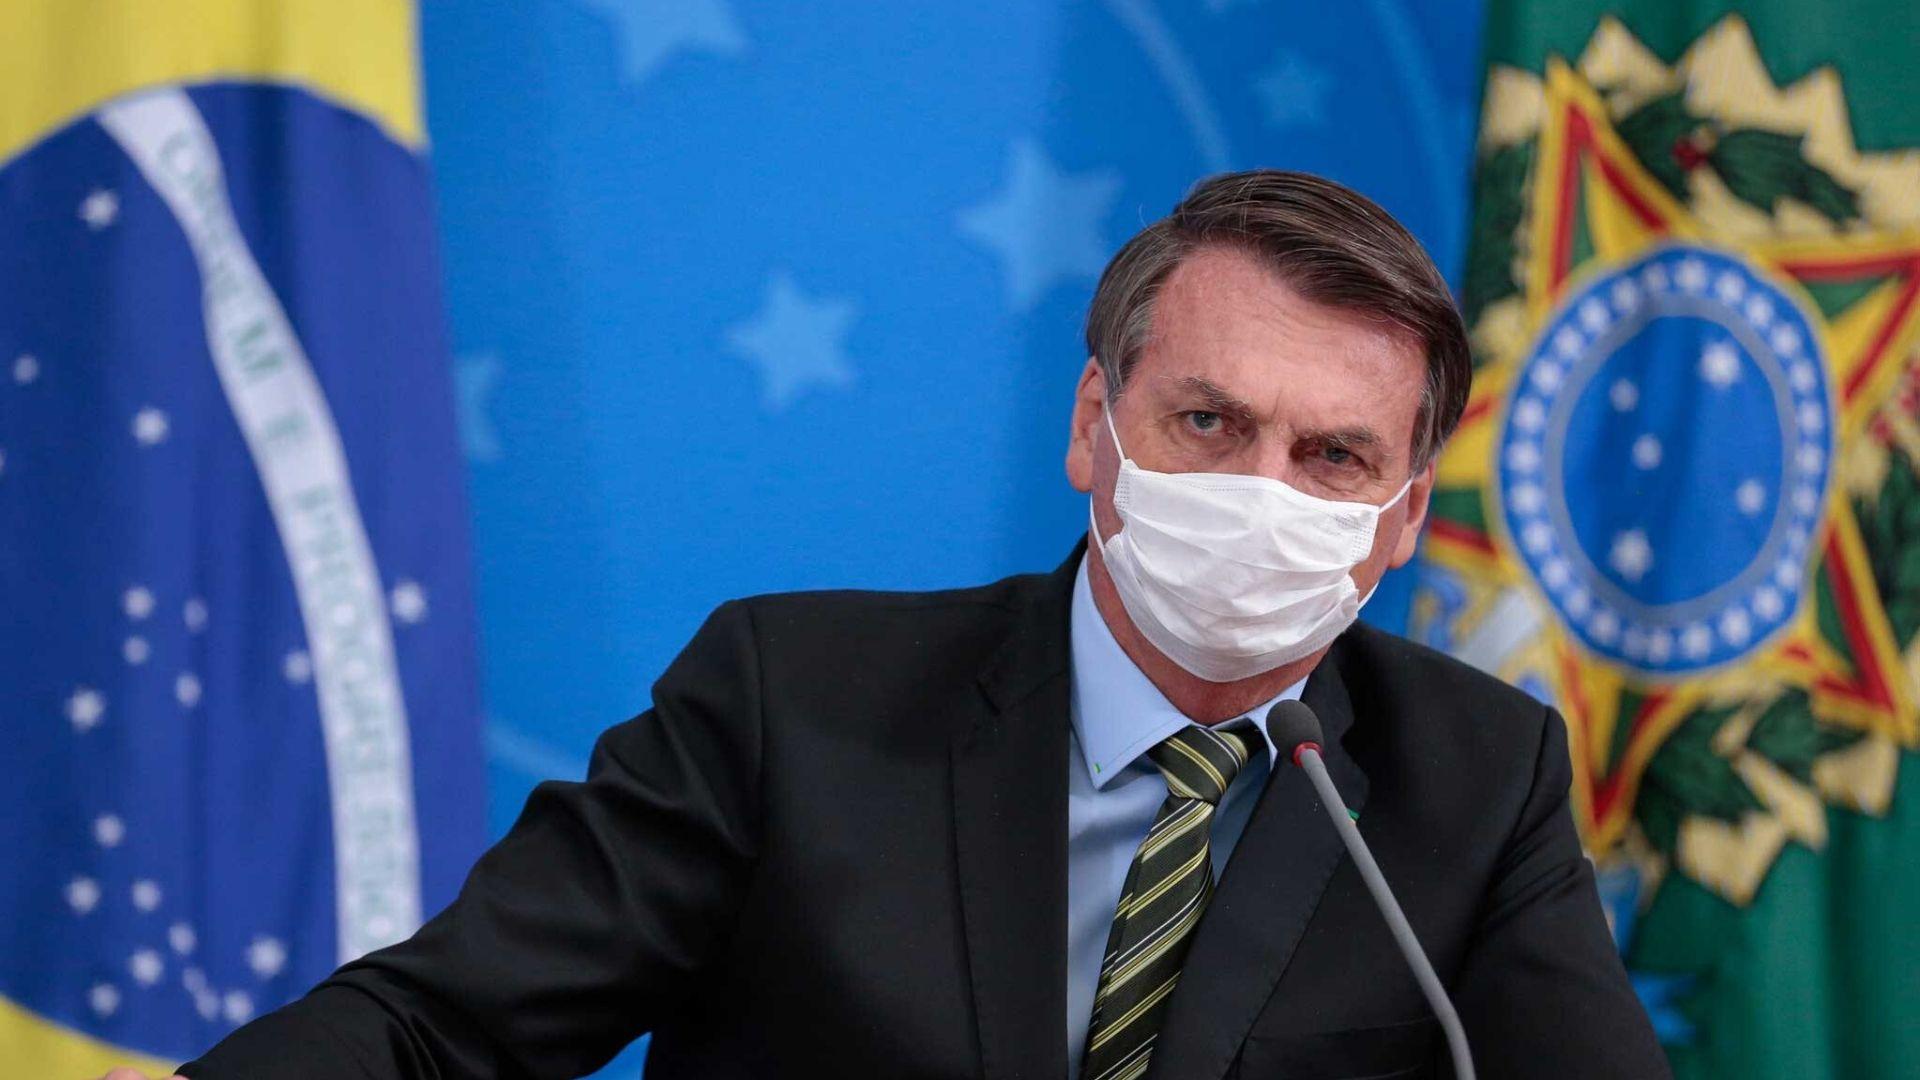 Presidente Jair Bolsonaro anunció que dio positivo por COVID-19